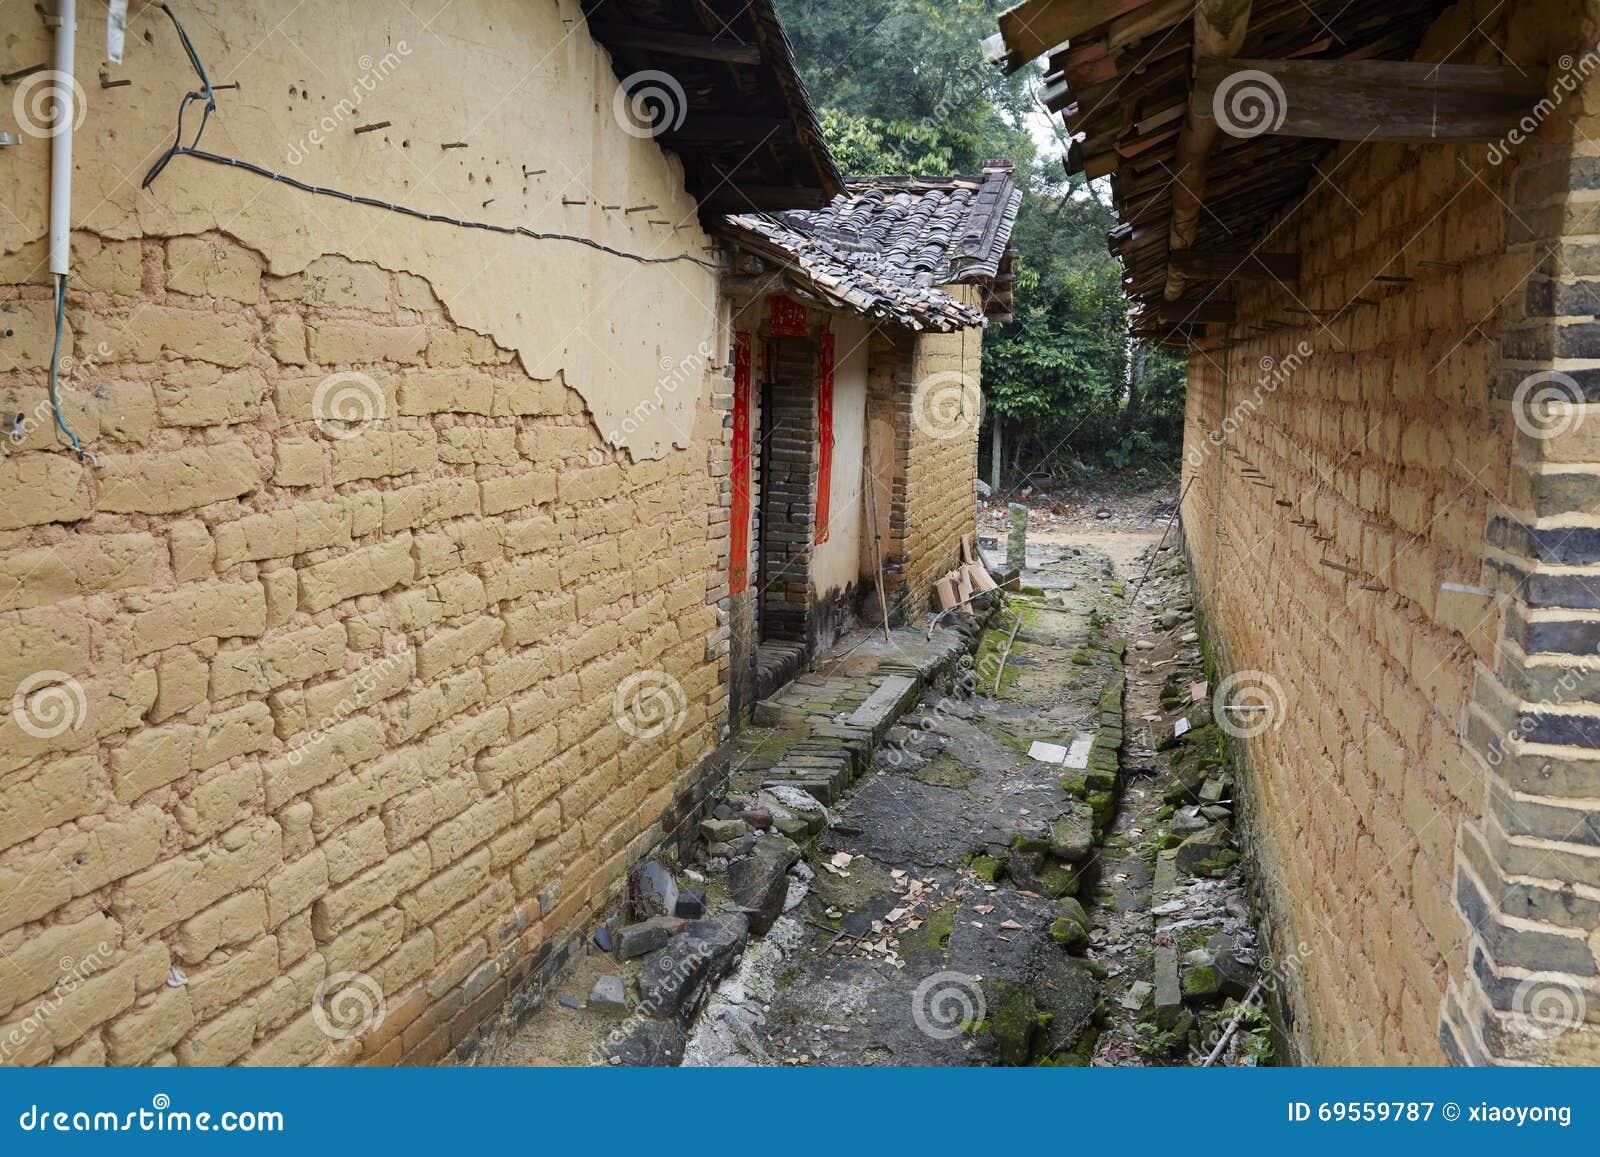 Case Di Mattoni Di Fango : Vecchie case con mattoni a vista cinesi del fango immagine stock